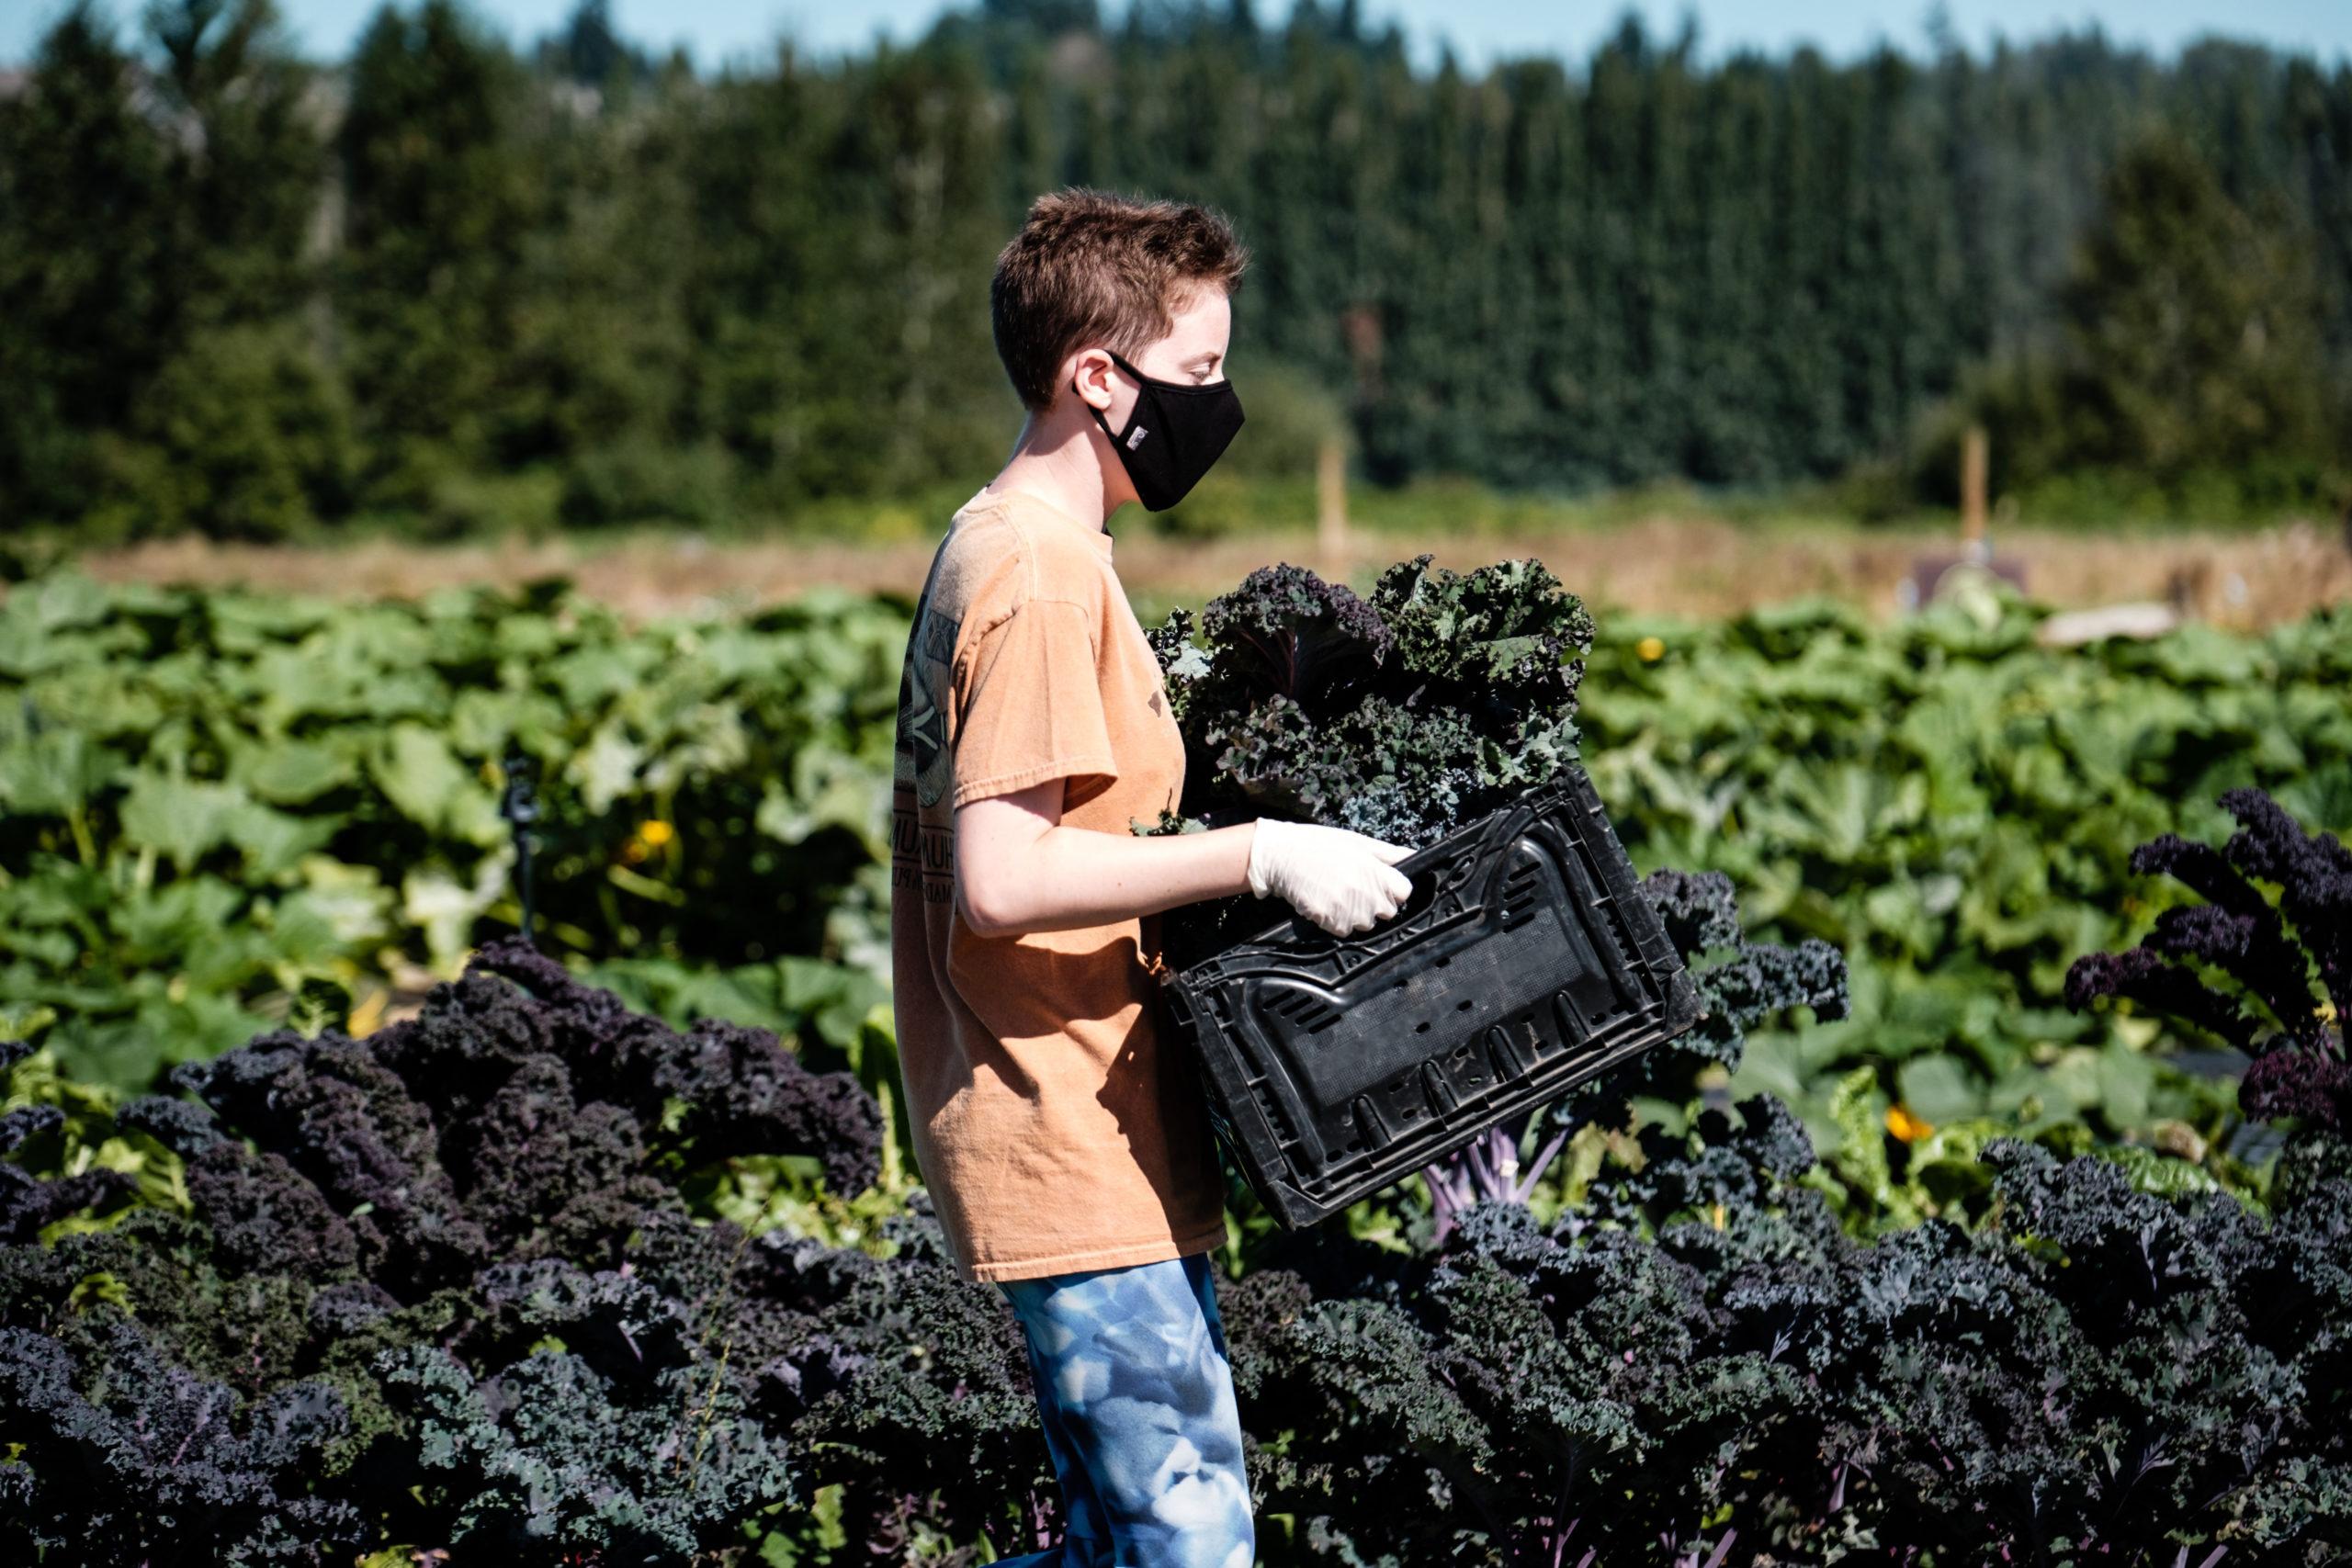 Sammamish Valley Farm Worker